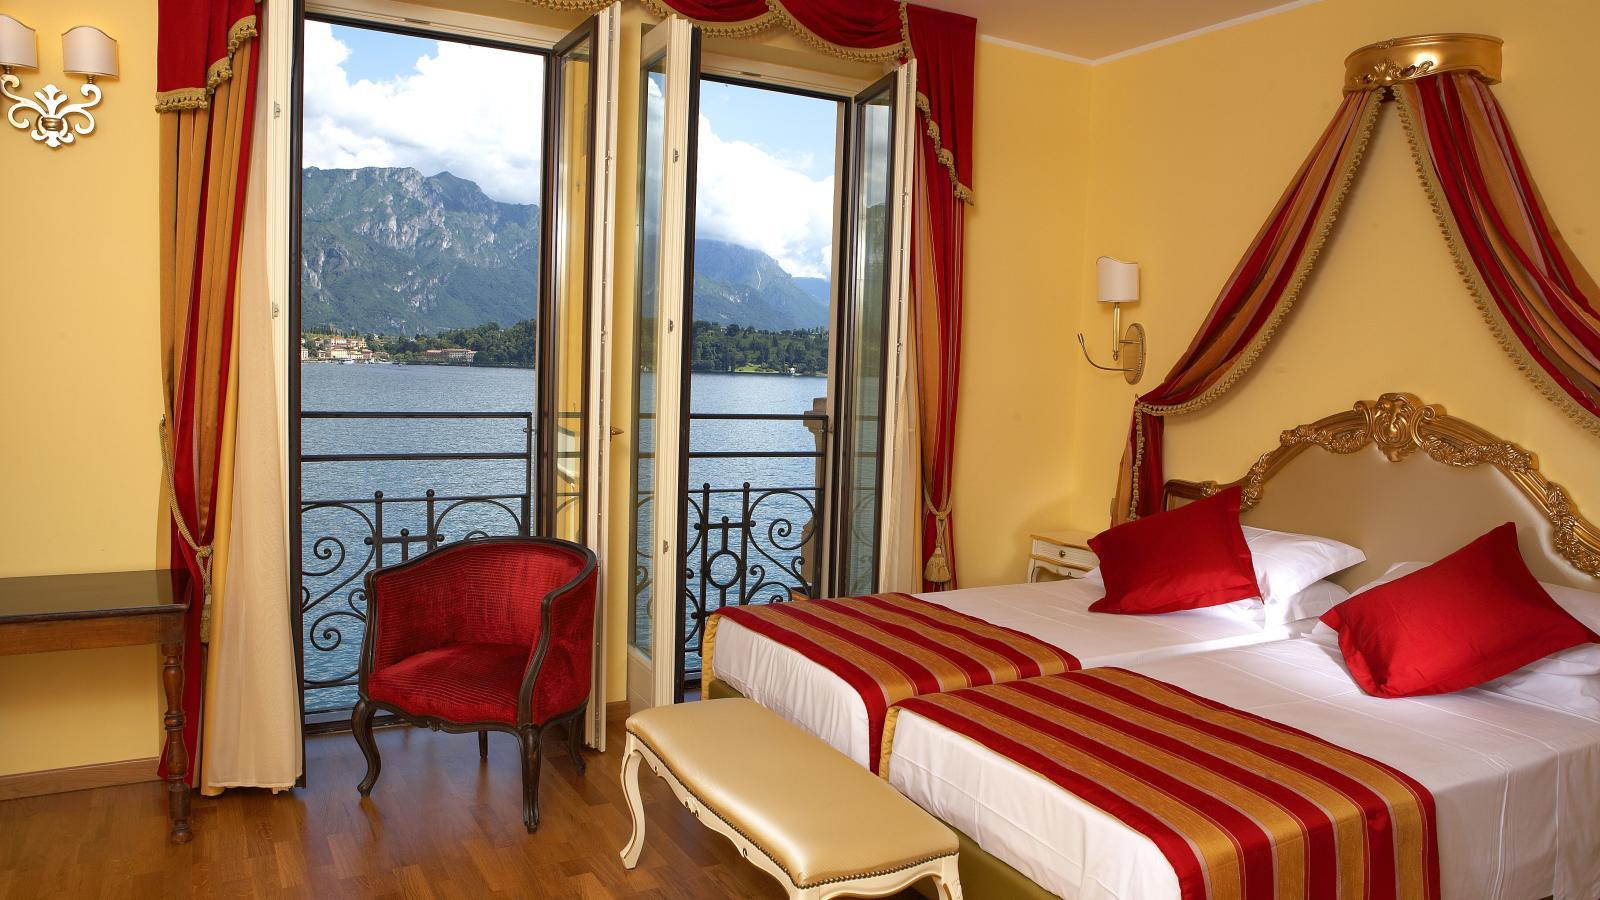 Hotel Britannia Cadenabbia Comer See